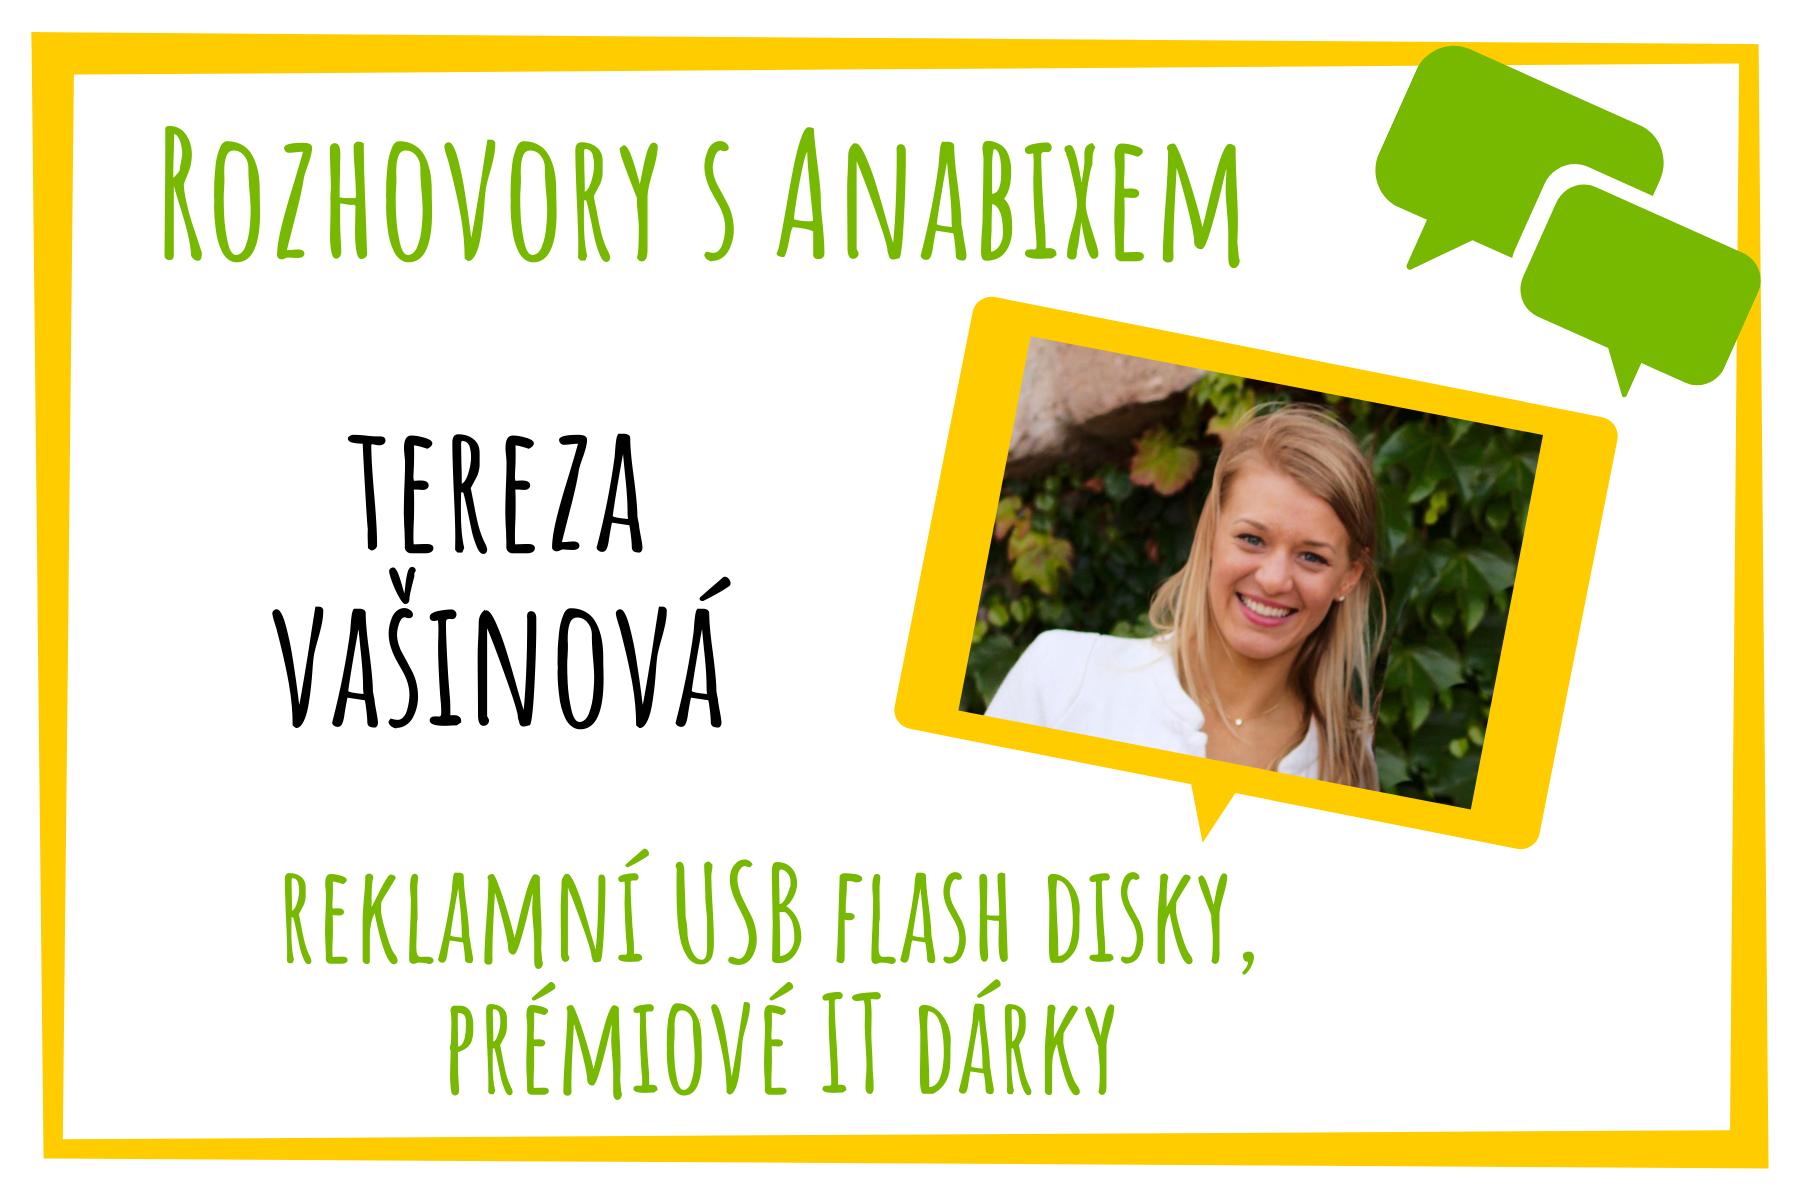 Rozhovory sAnabixem - Tereza Vašinová